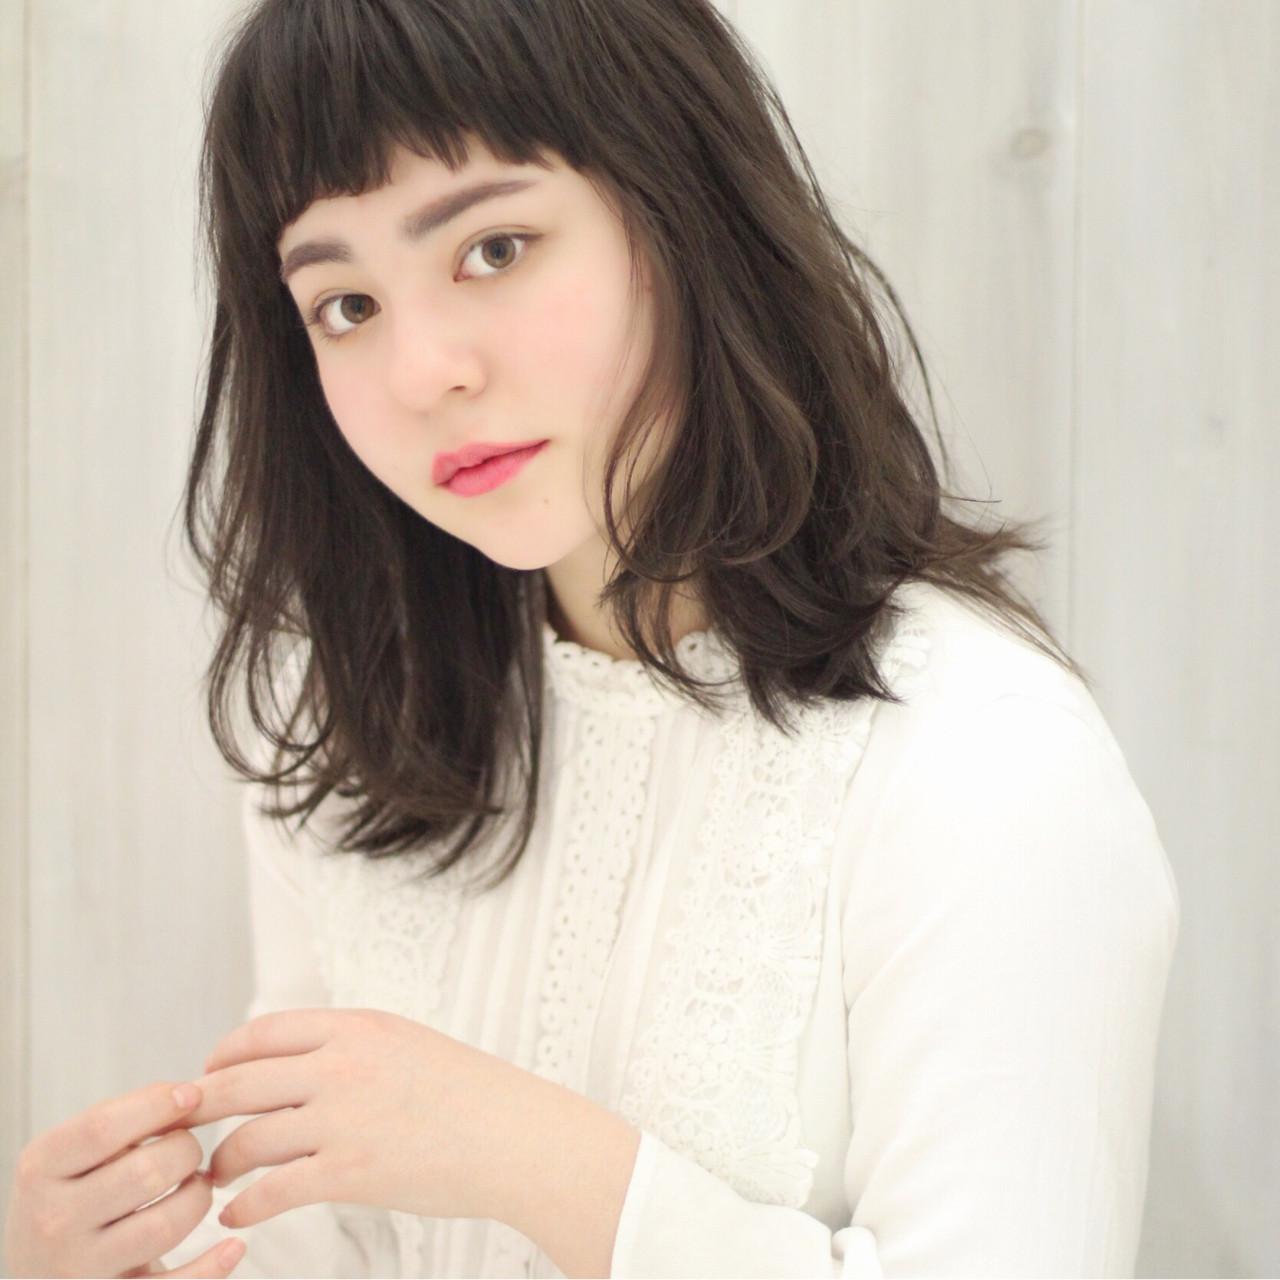 ふわふわ 小顔 フェミニン ウェーブ ヘアスタイルや髪型の写真・画像 | 中村 美穂 / k-two